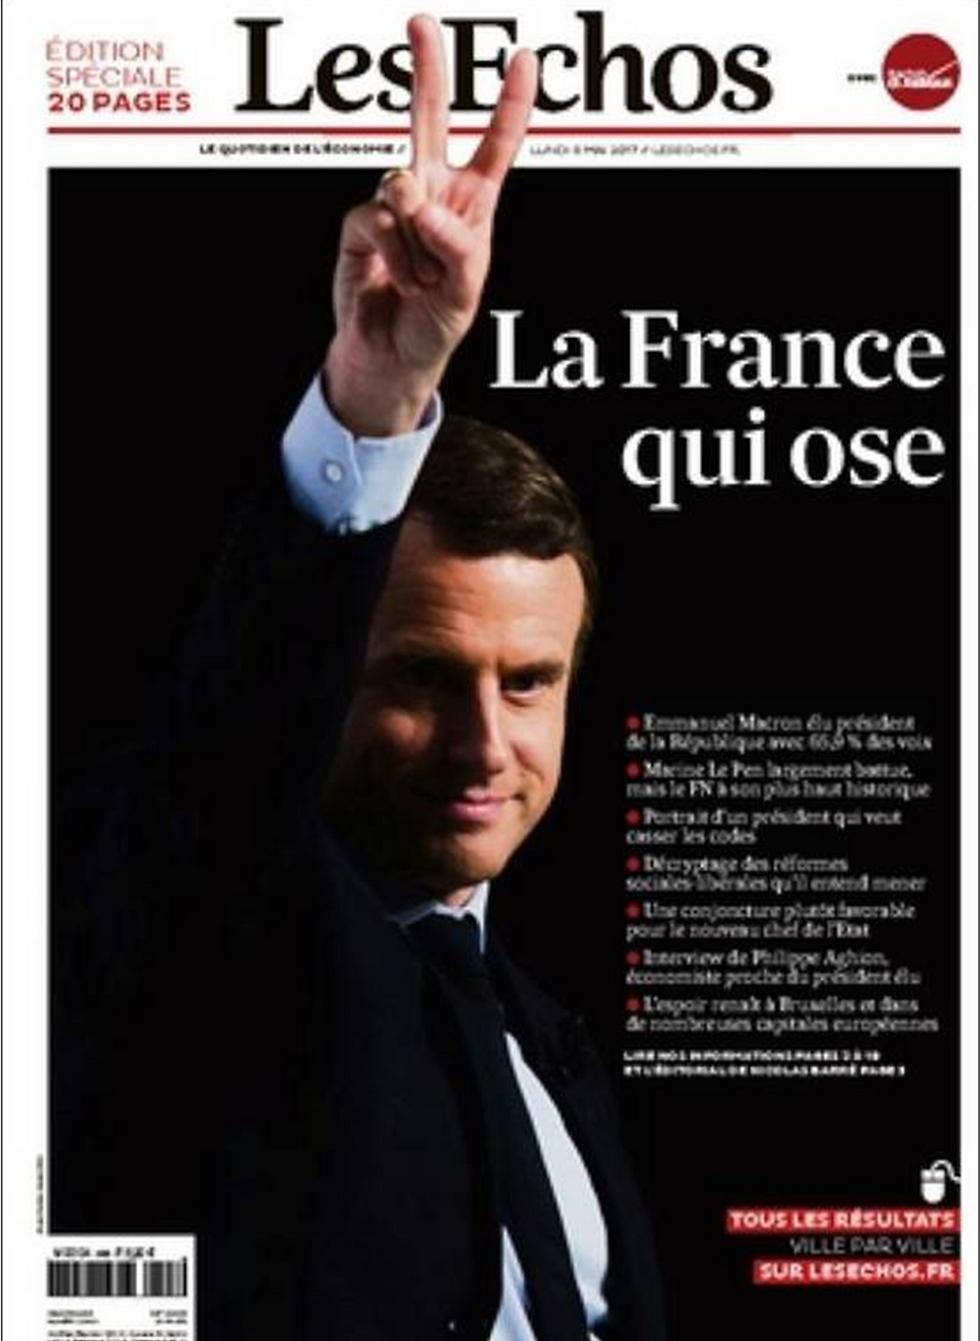 לה אקו: צרפת שמעזה